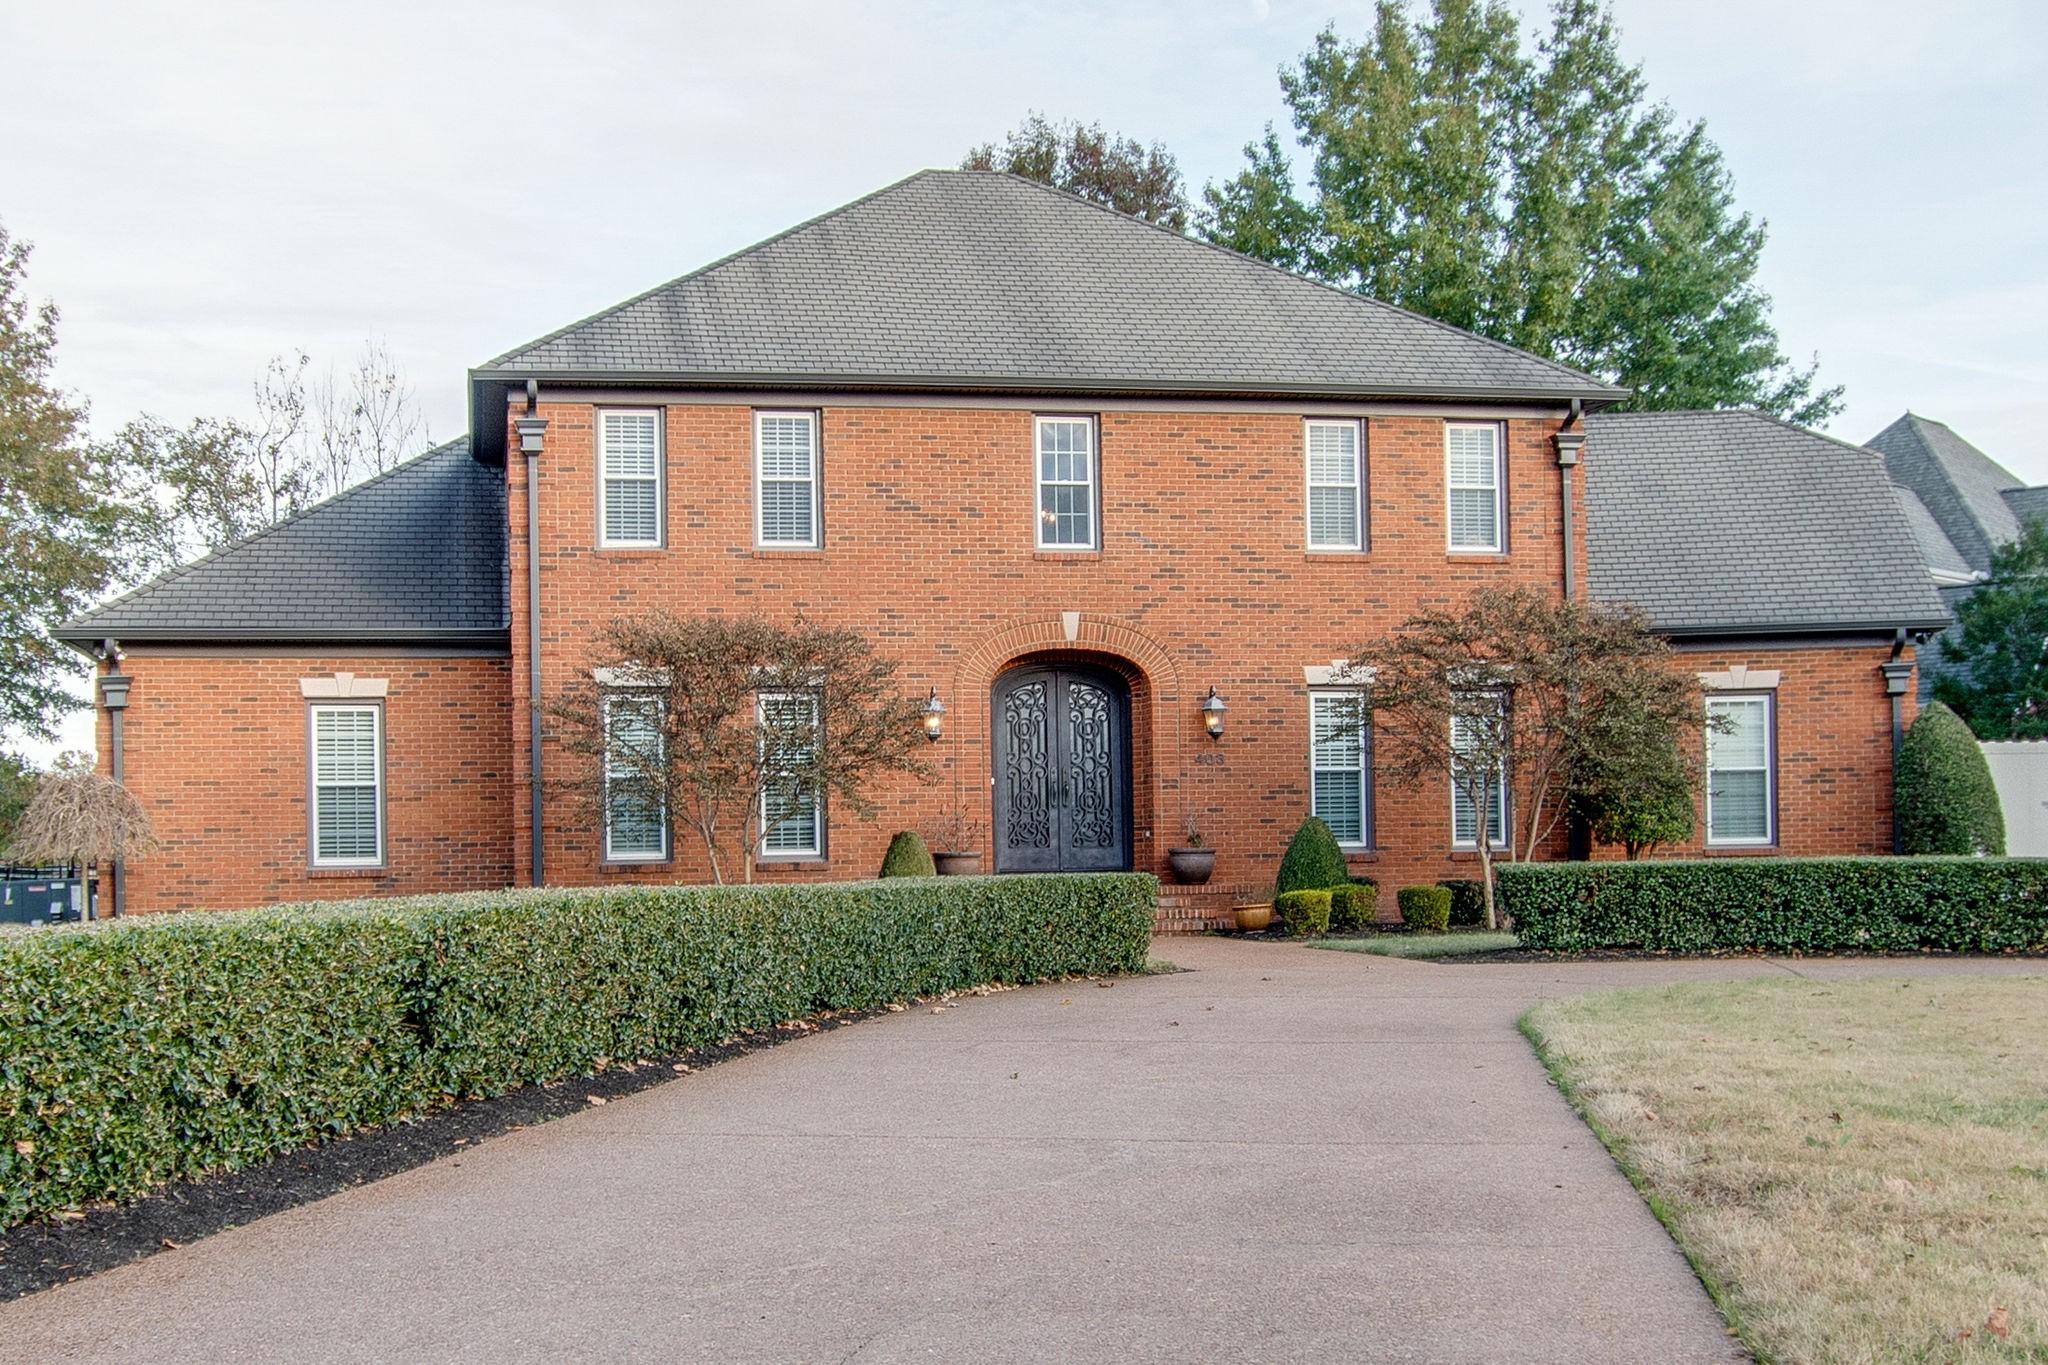 403 Council Bluff Pkwy, Murfreesboro, TN 37127 - Murfreesboro, TN real estate listing